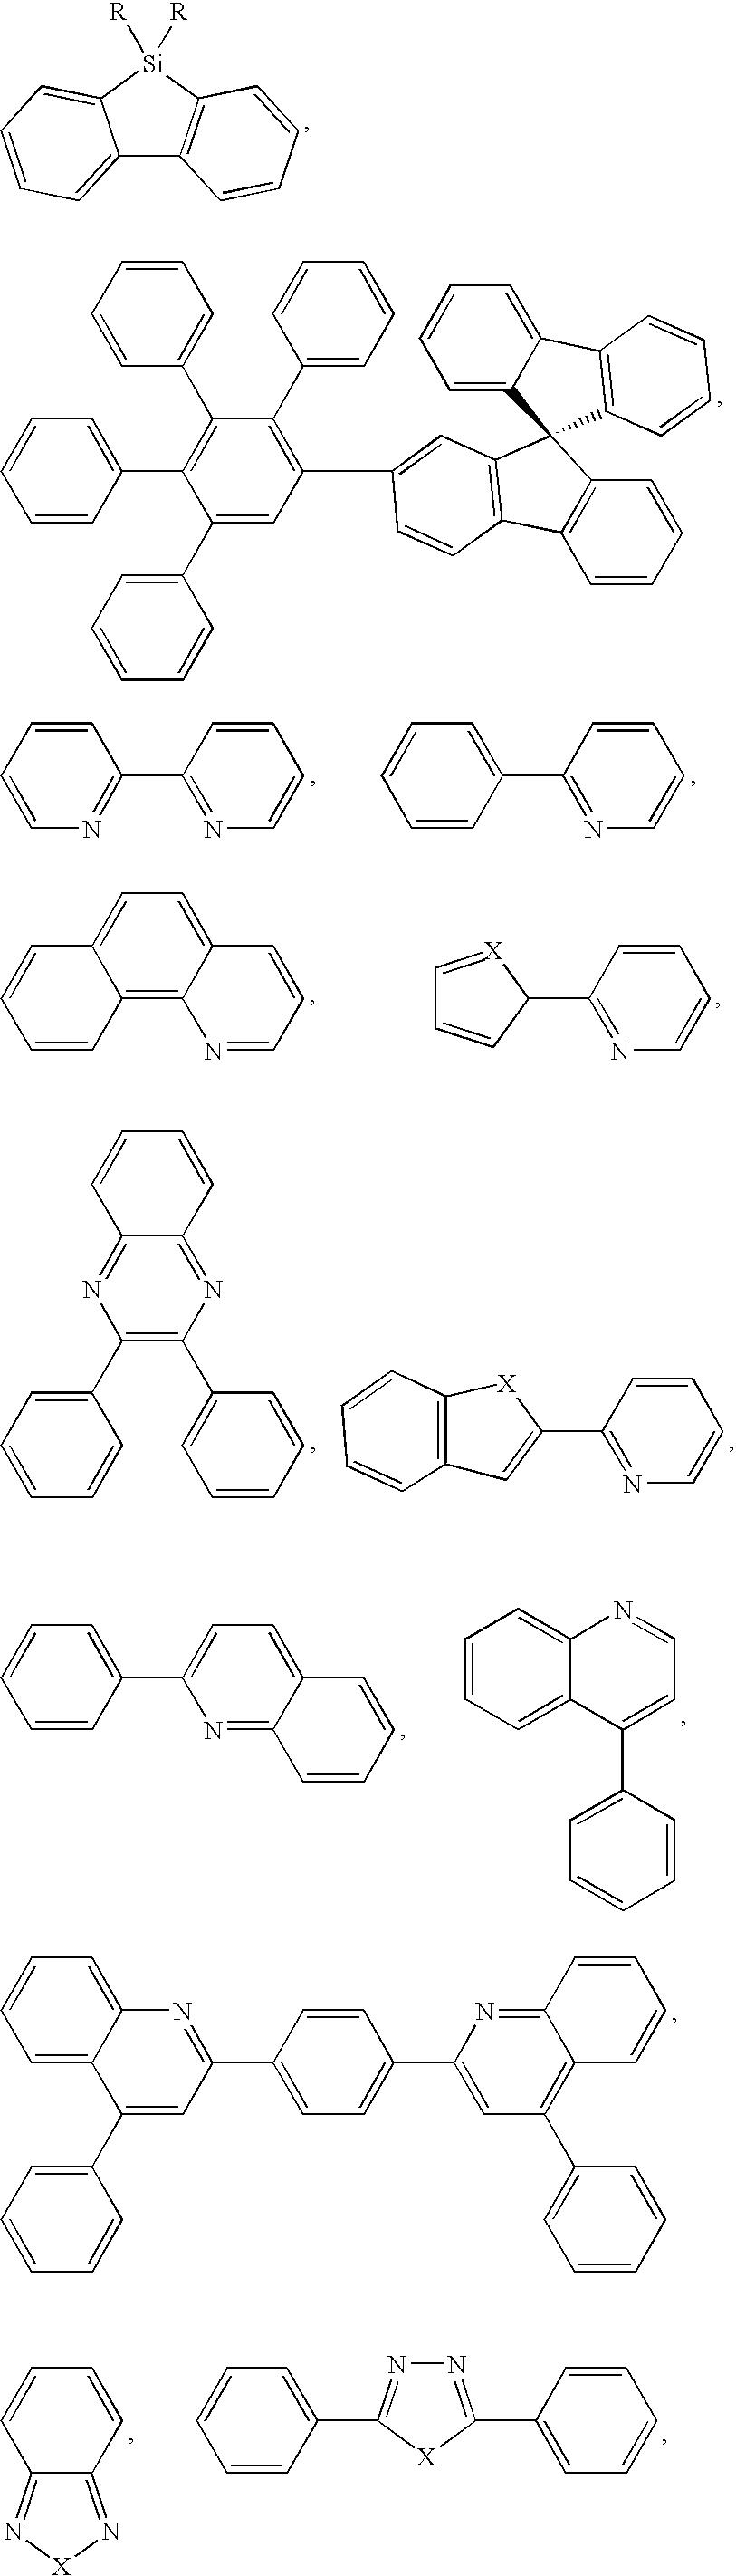 Figure US20070107835A1-20070517-C00090